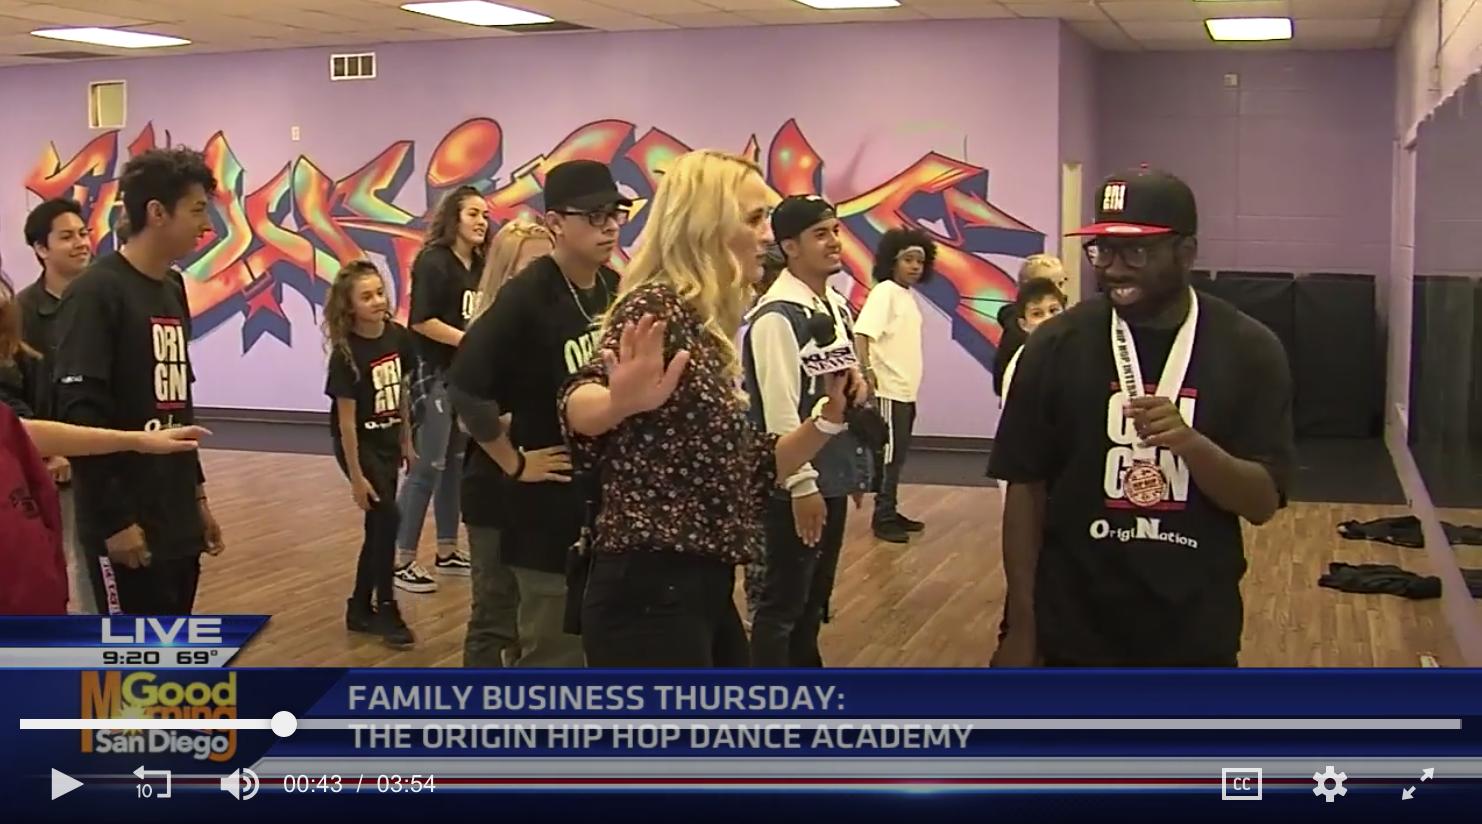 HHI USA: Family Business: The Origin Hip Hop Performing Arts Academy